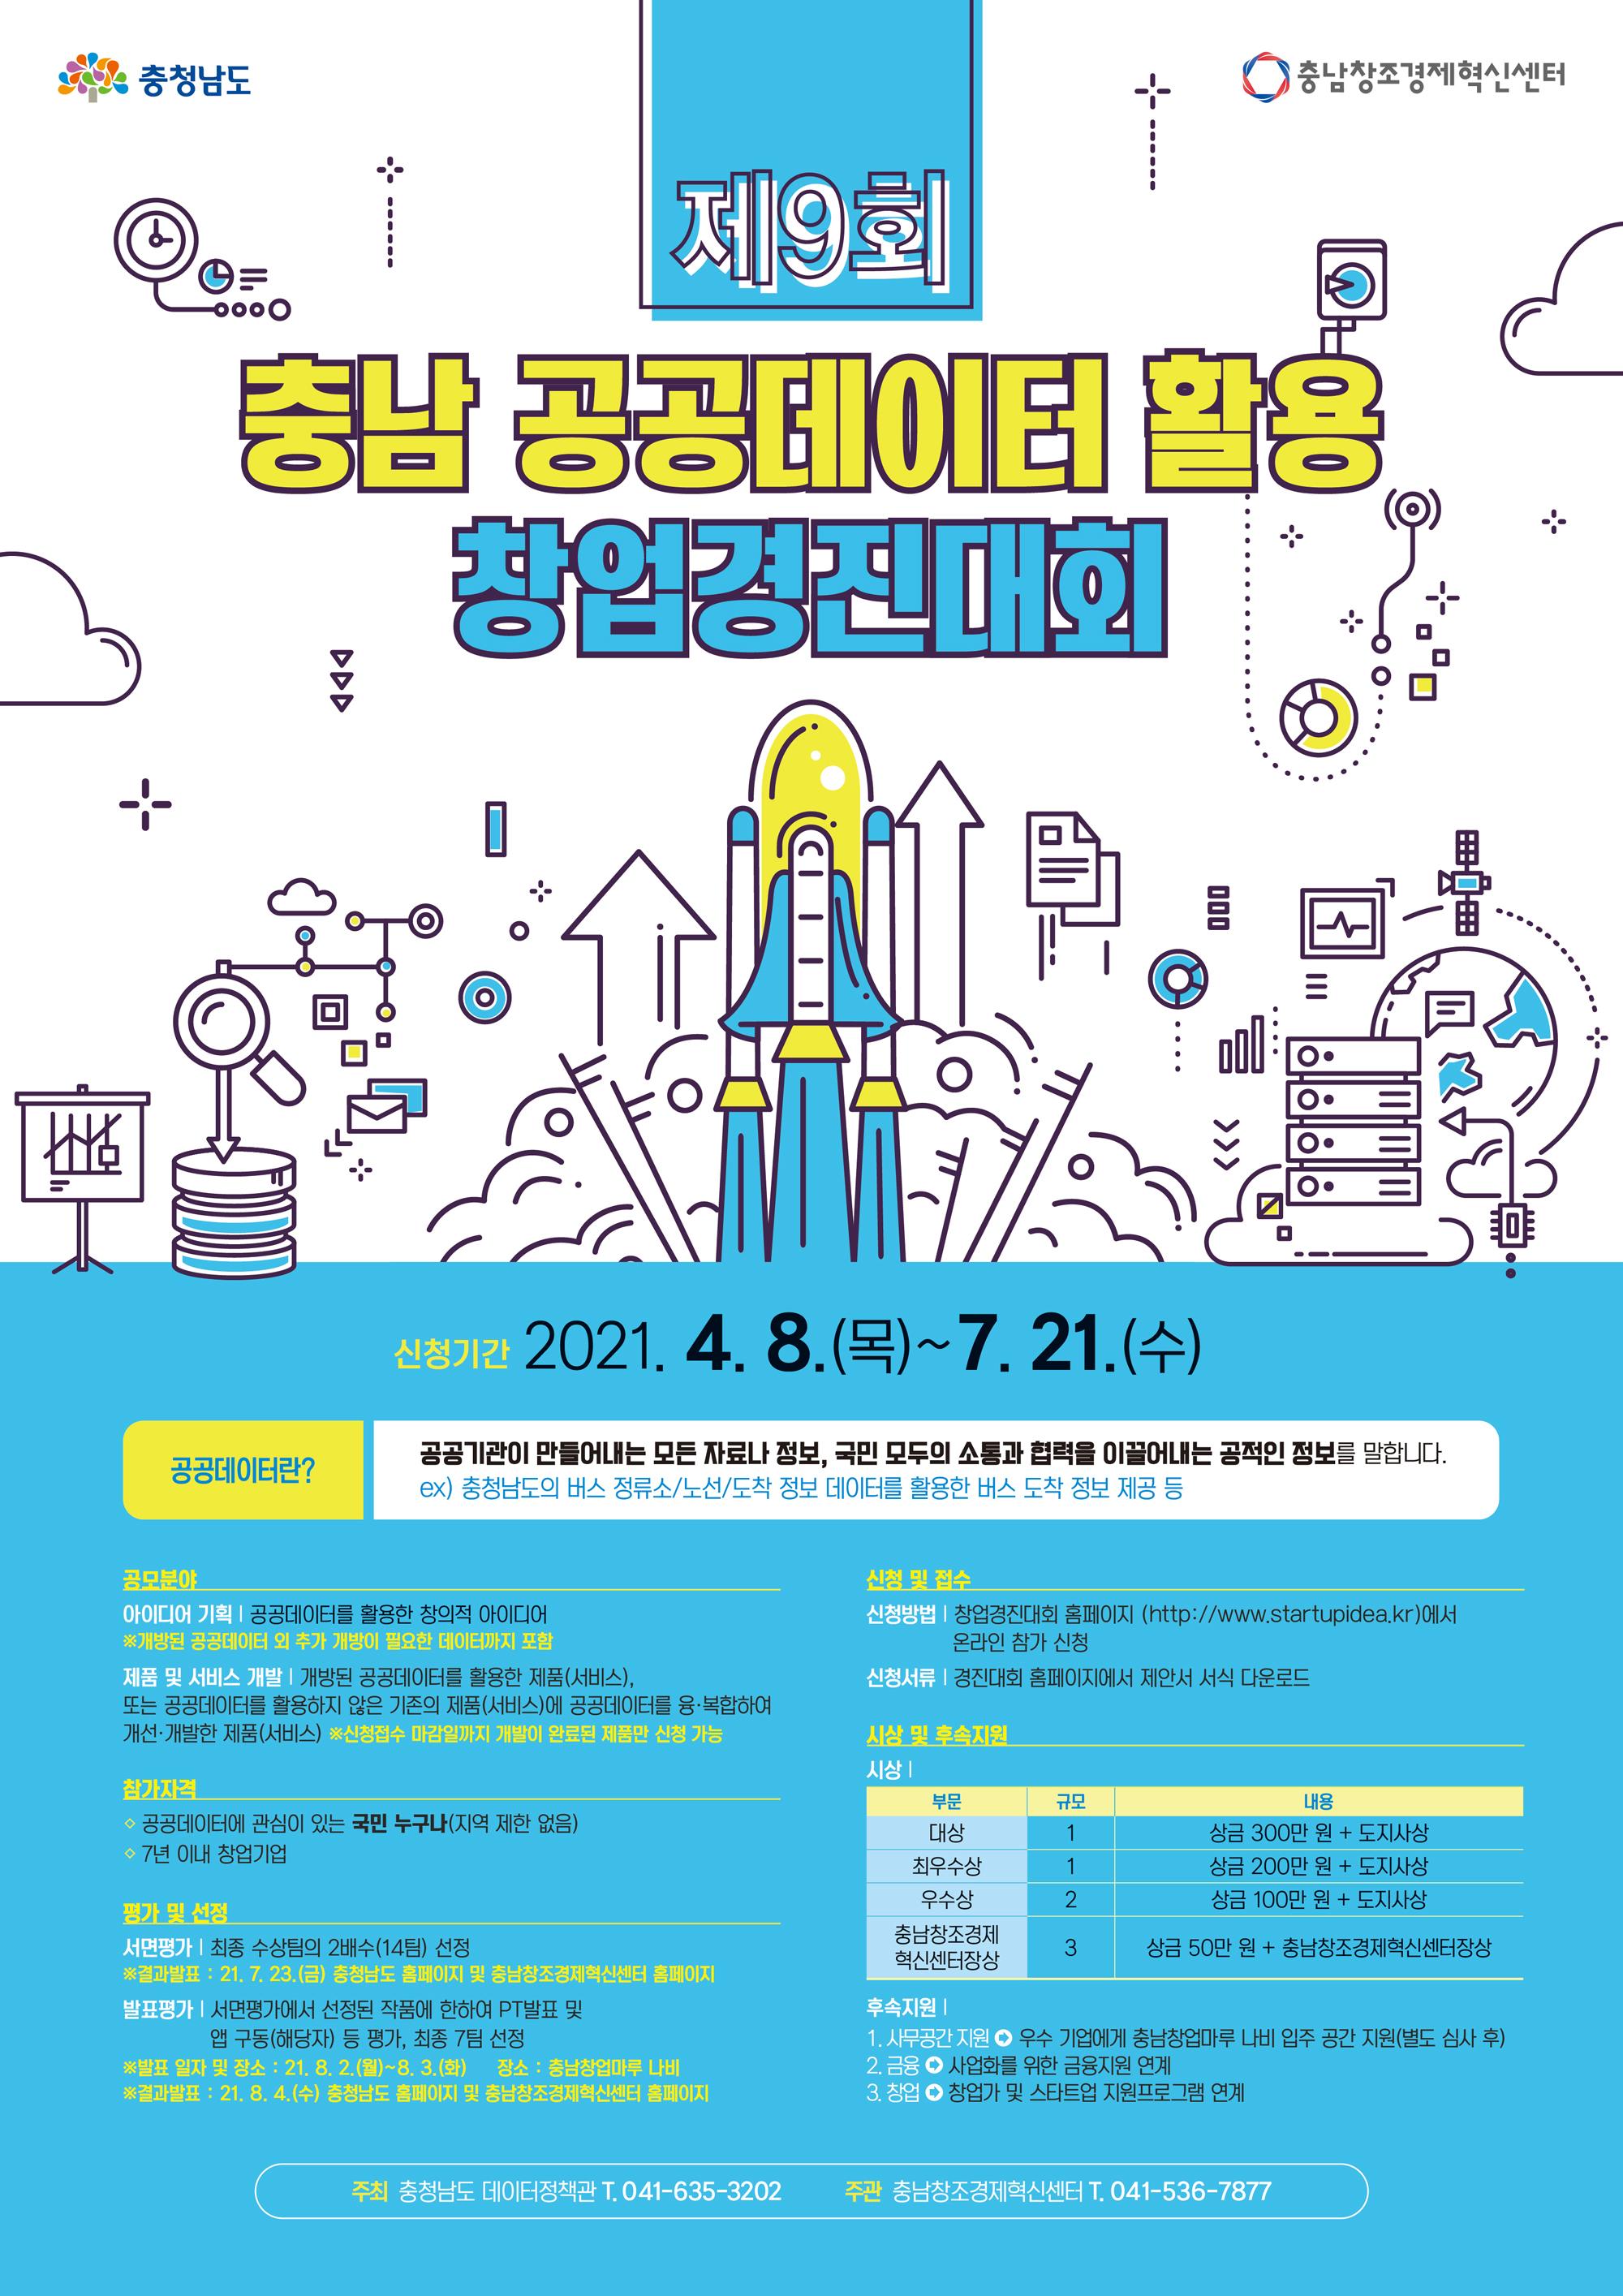 제9회 충청남도 공공데이터 활용 창업경진대회